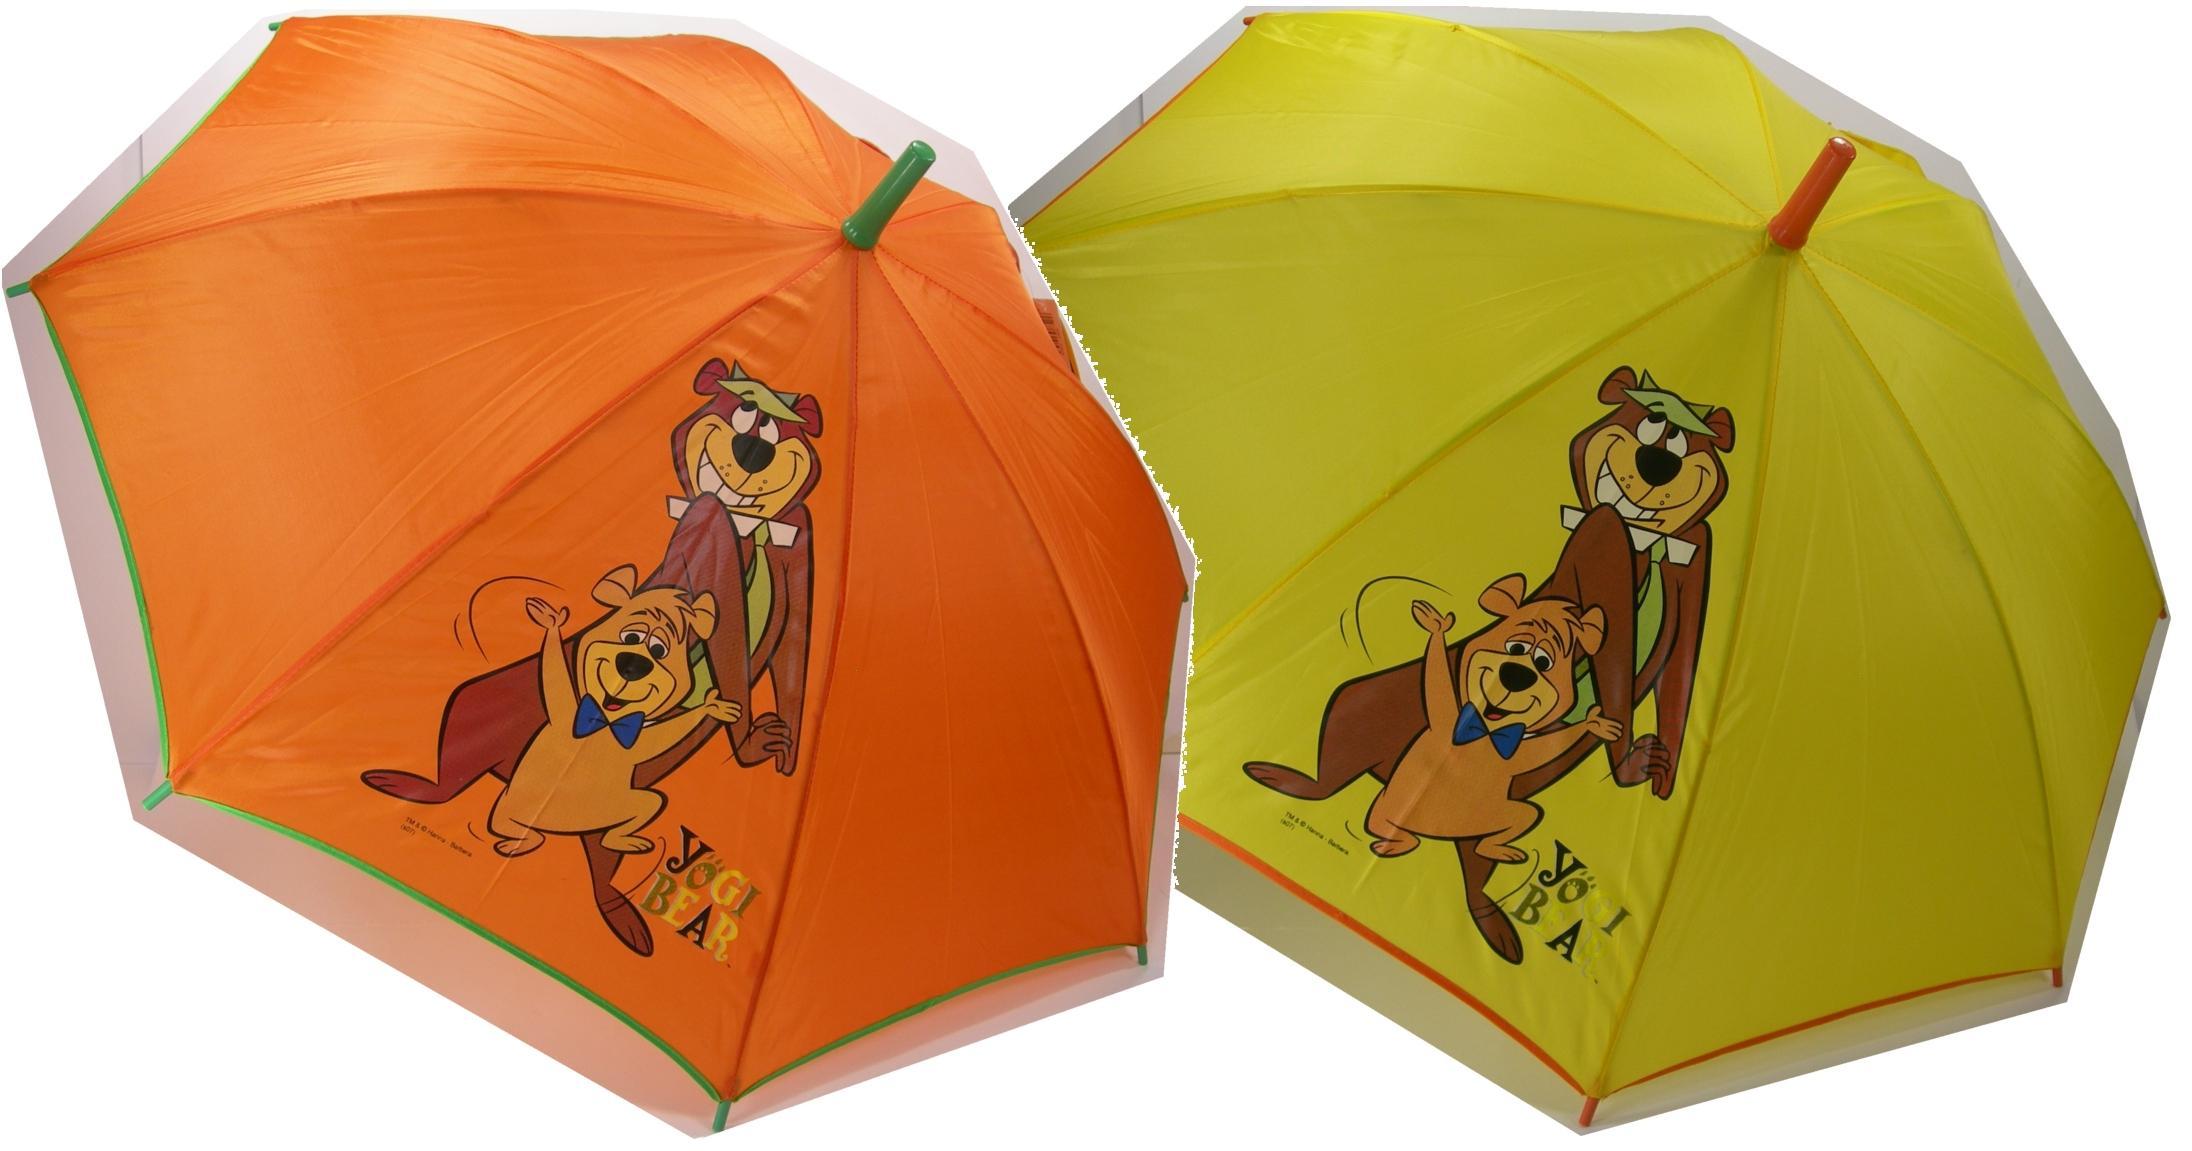 Hanna Barbera Orso Yoghi ombrello bambino